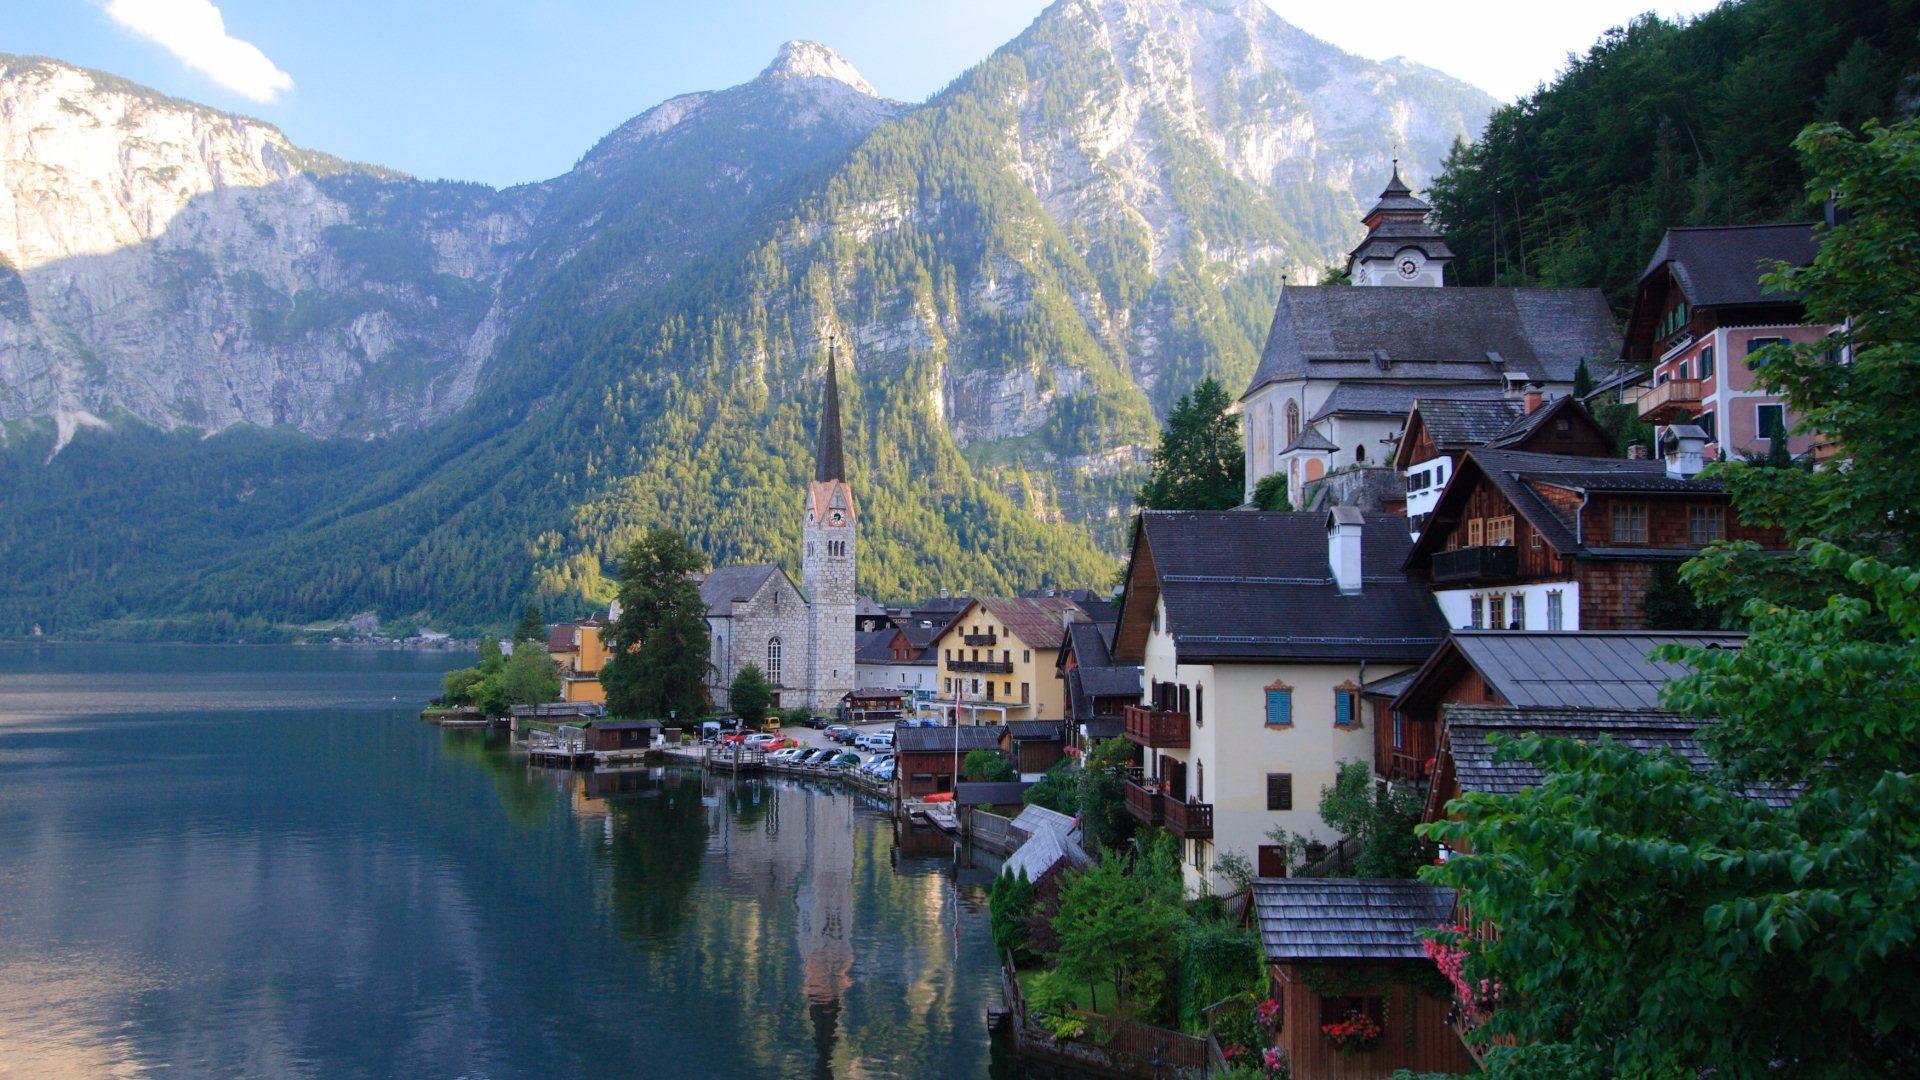 ŞEKER BAYRAMI ROMANTİK AVRUPA Ljubljana (1) - Hallstad - Ausburg (2) - Lugano Como(2) - Venedik (2) Türk Havayolları Tarifeli Seferi ile 04 Temmuz 2016 Hareket… 7 Gece Turu